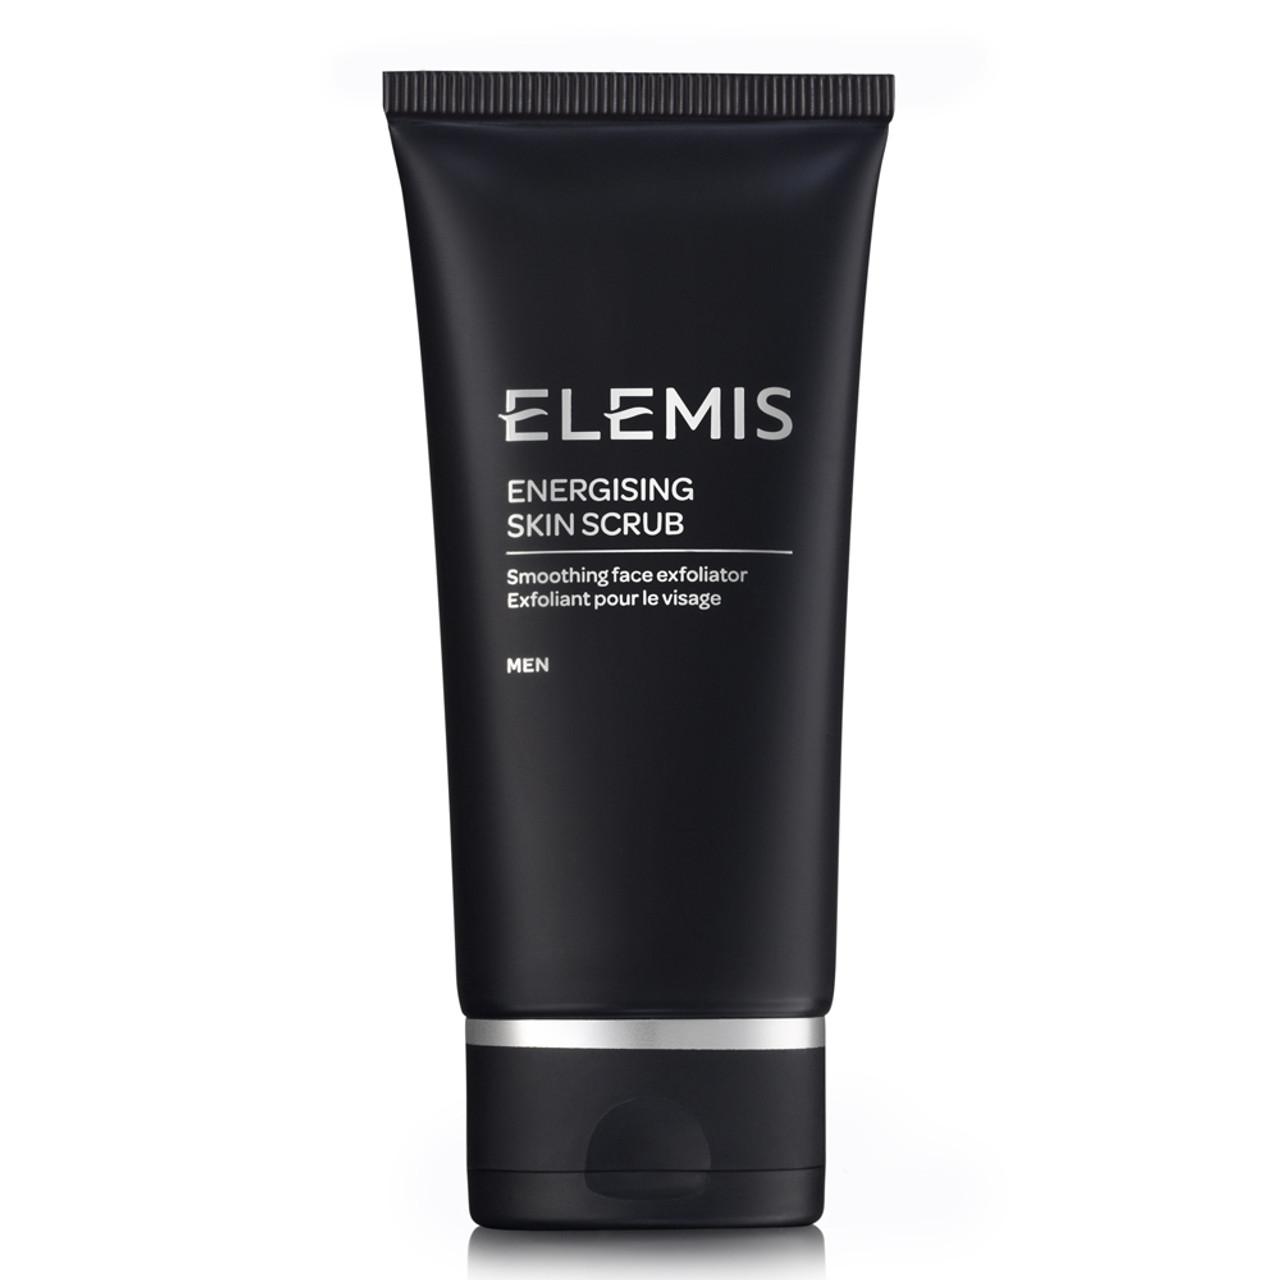 Elemis TFM Energising Skin Scrub (discontinued)